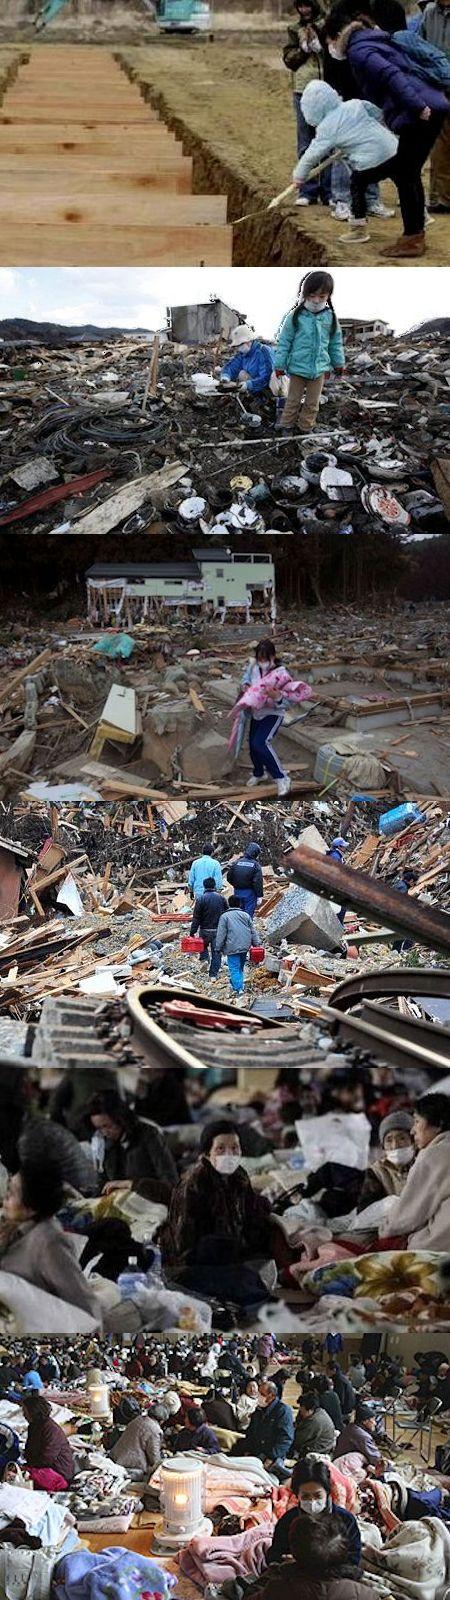 震災を風化させているのは政府とマスコミだ - 風化と自己責任_c0315619_1811493.jpg